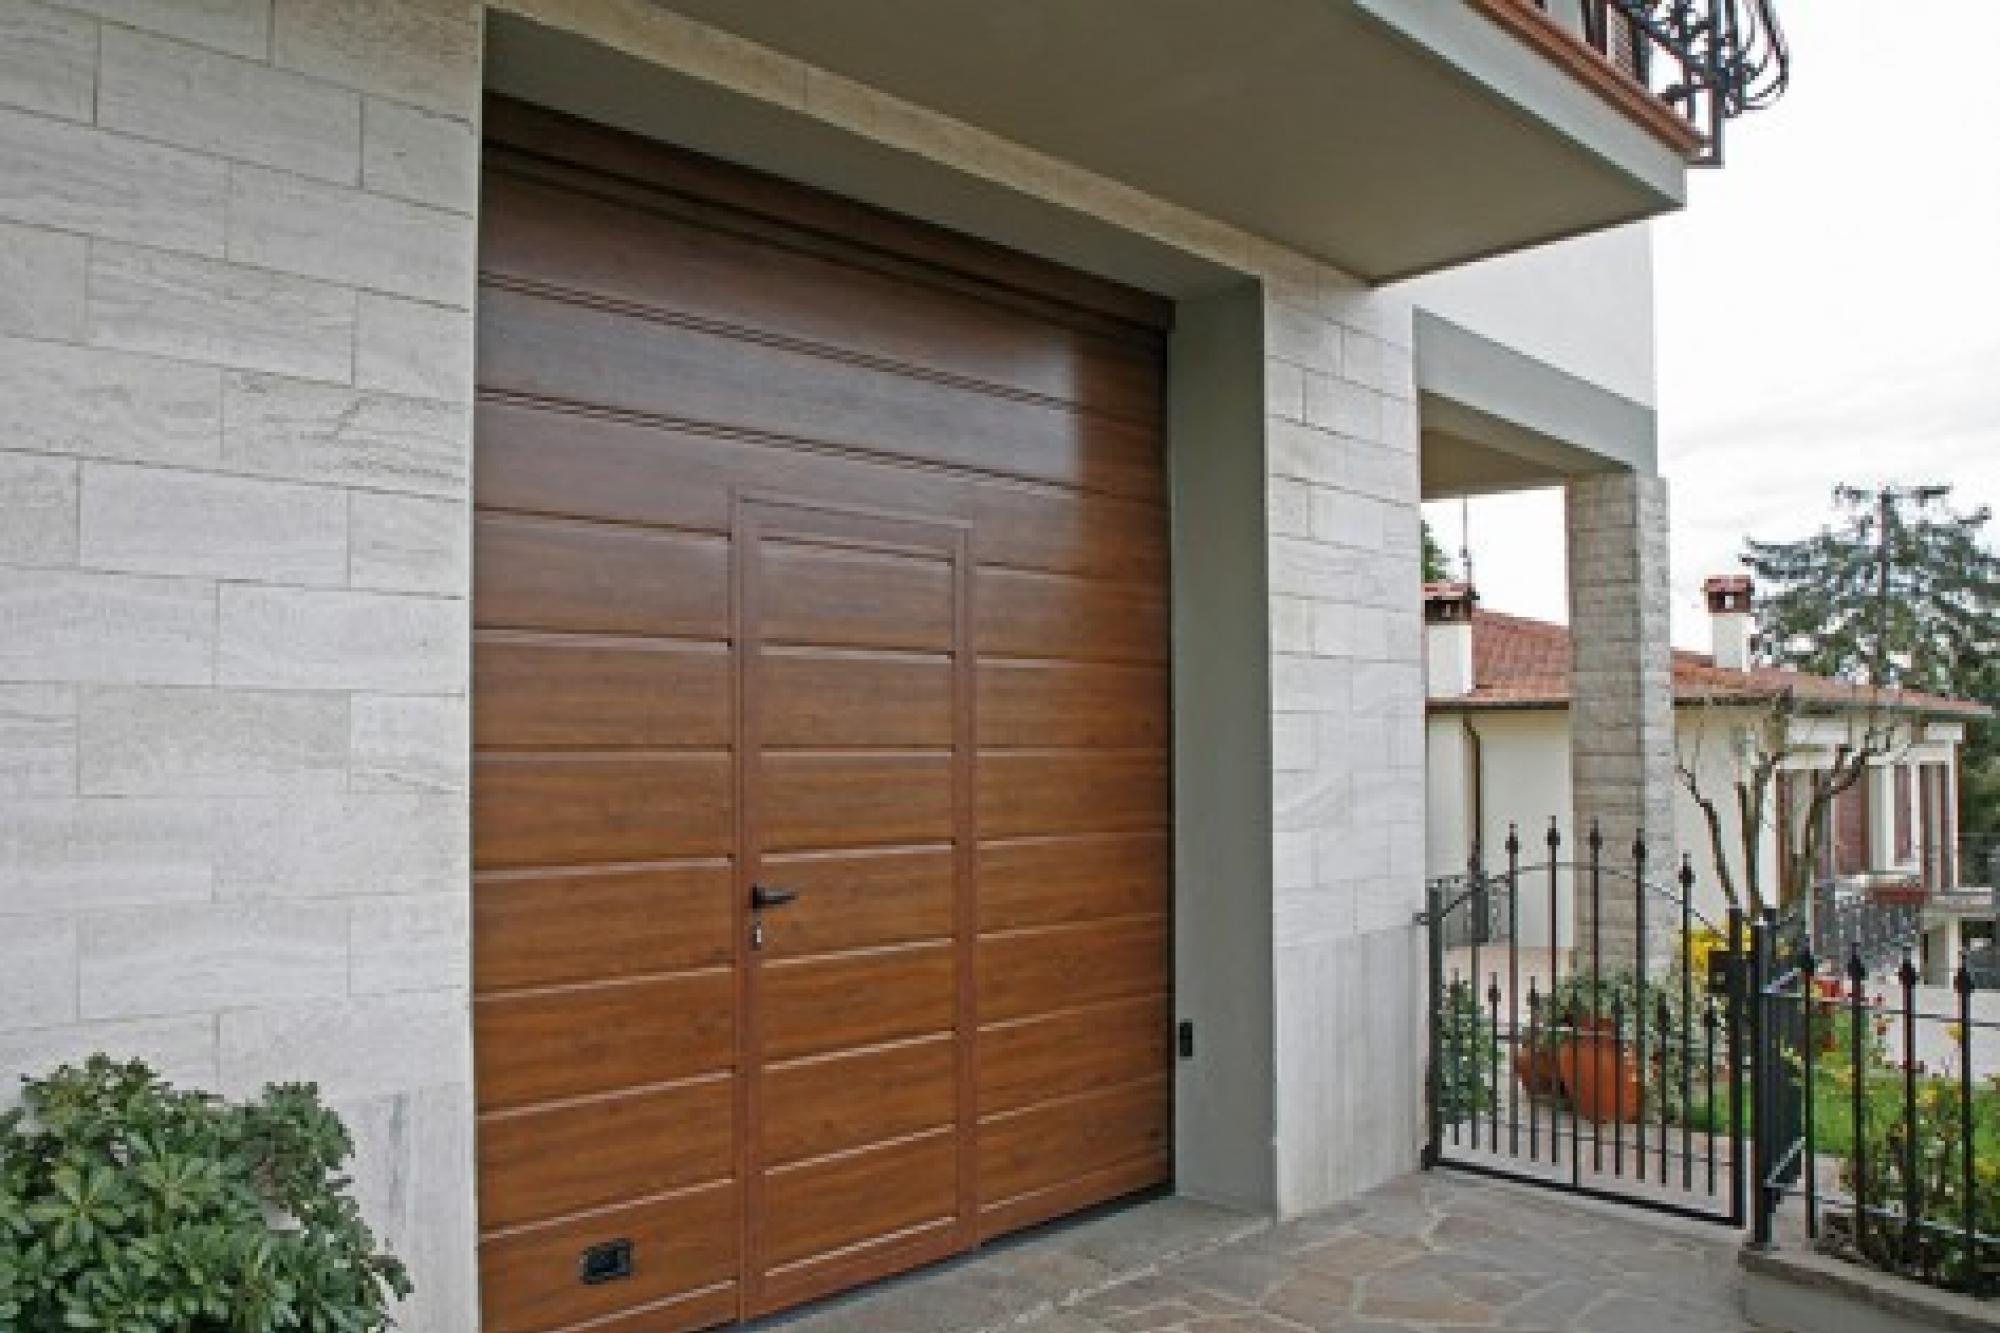 porte e portoni sezionali per garage richiedi prezzo o